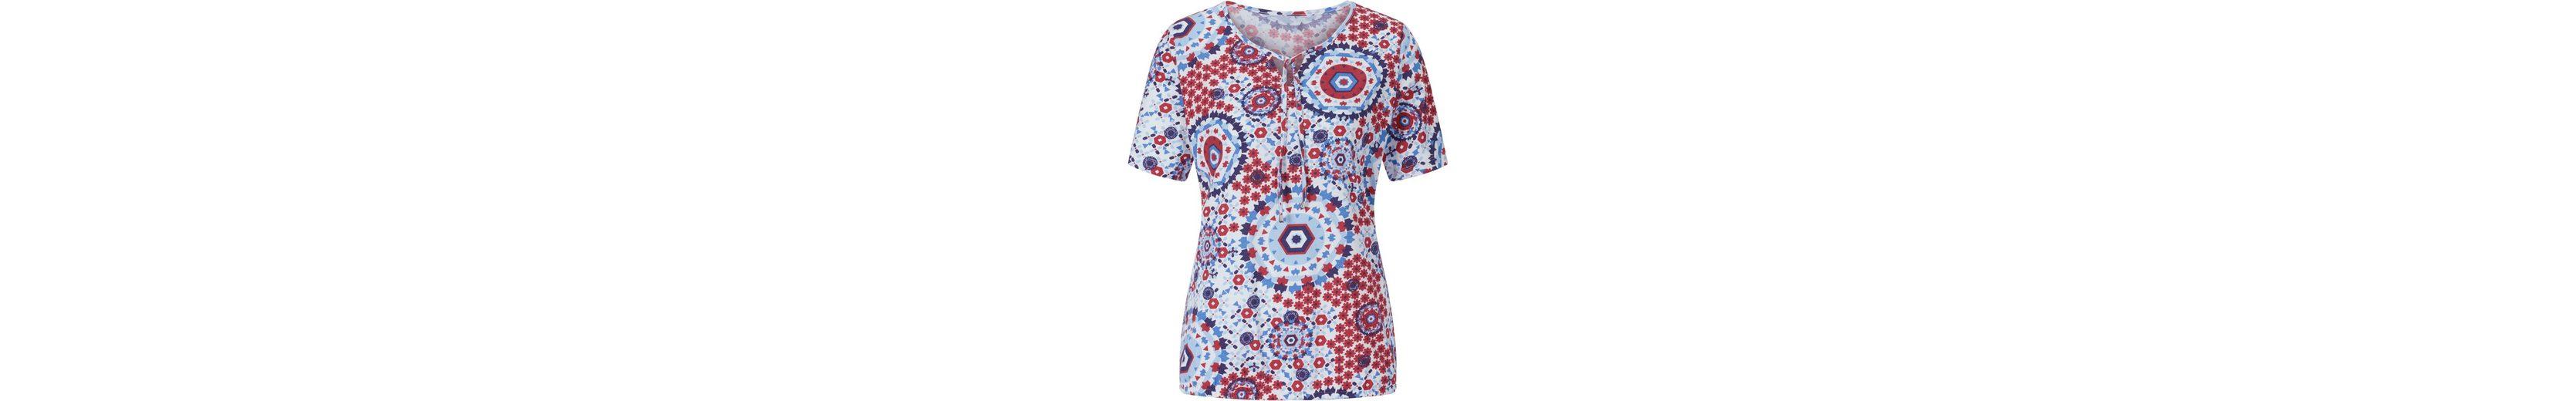 Billigster Günstiger Preis Classic Basics Shirt mit Zierband Steckdose Neue Stile TjxMEQA78